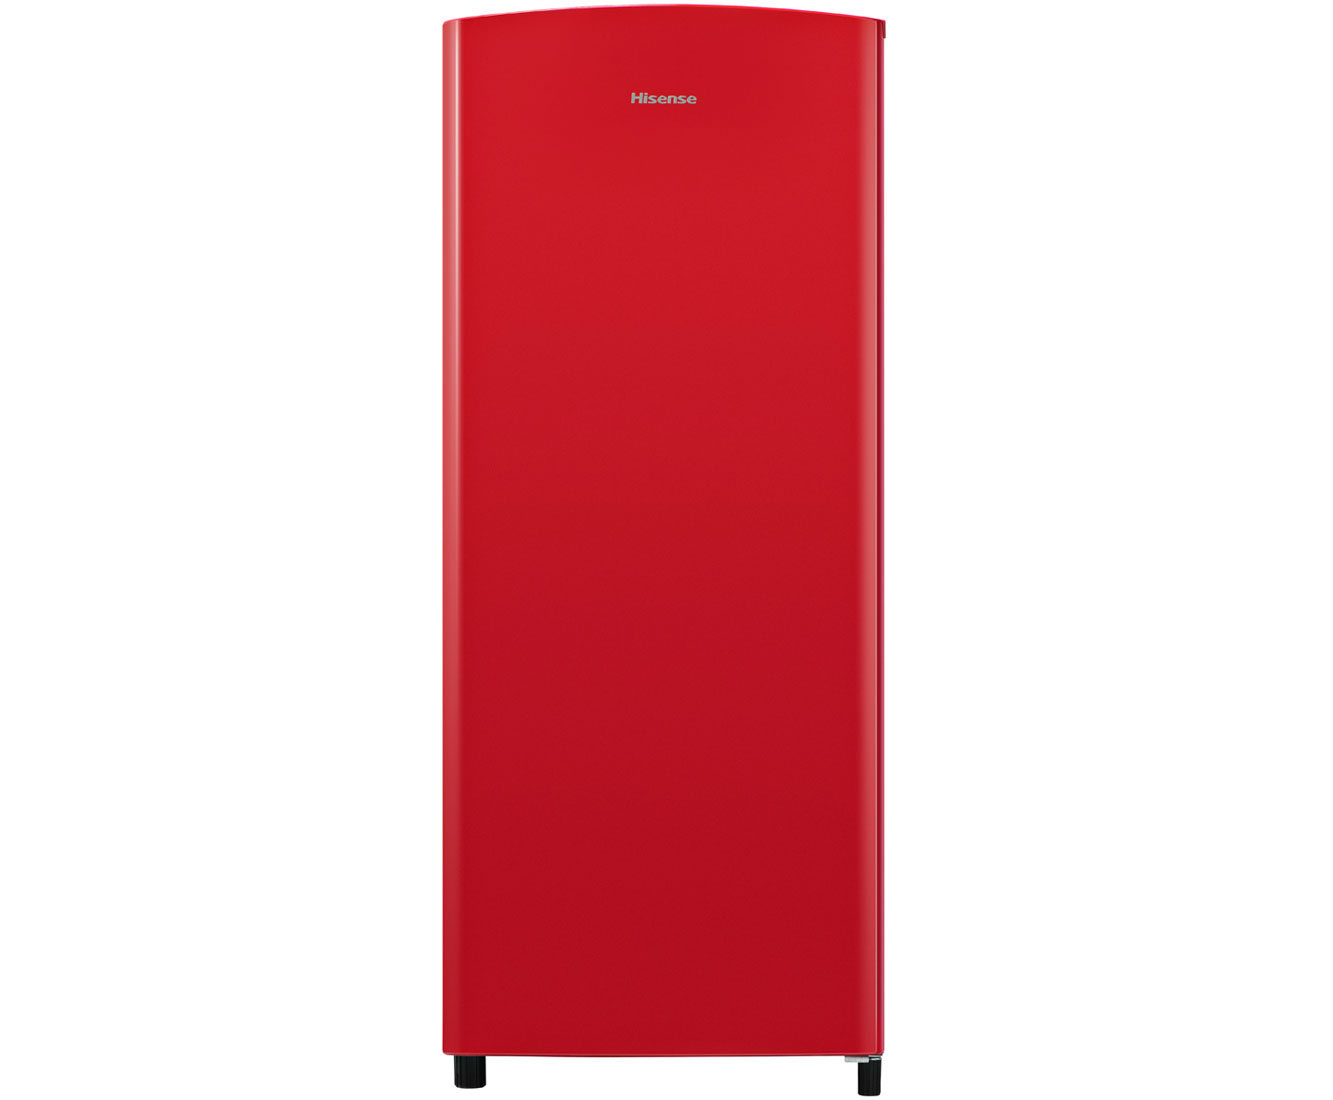 Retro Kühlschrank Groß : Hisense rr d ar kühlschrank mit gefrierfach rot retro design